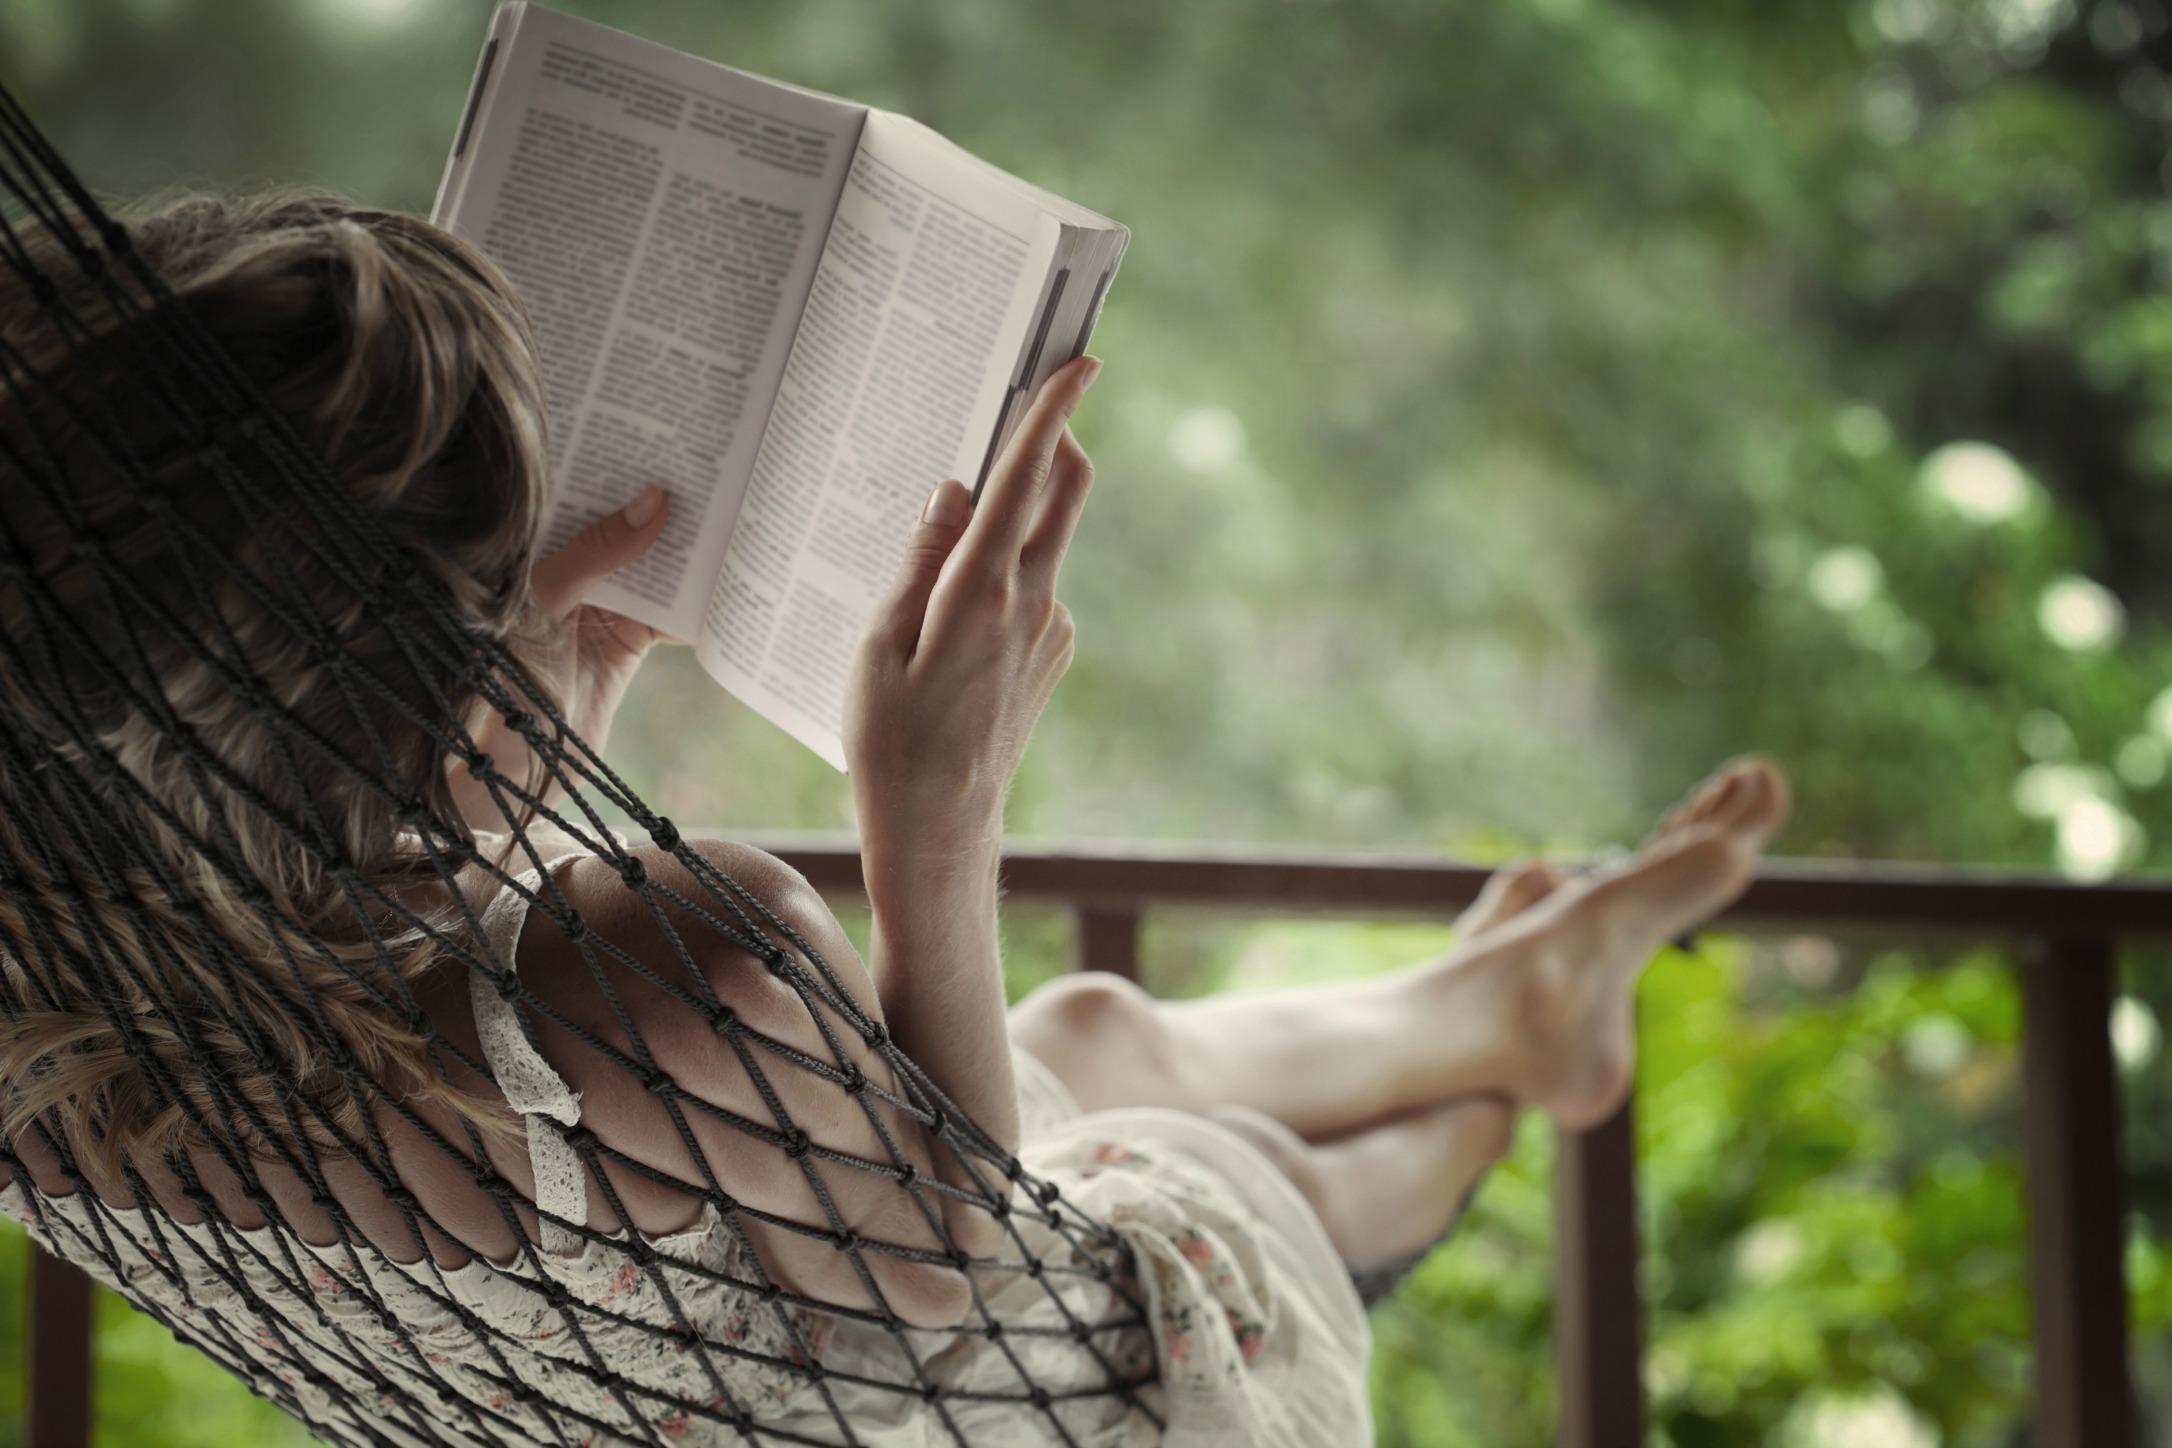 Картинки по запросу 5 знаков Зодиака, которые любят учиться и добывать знания